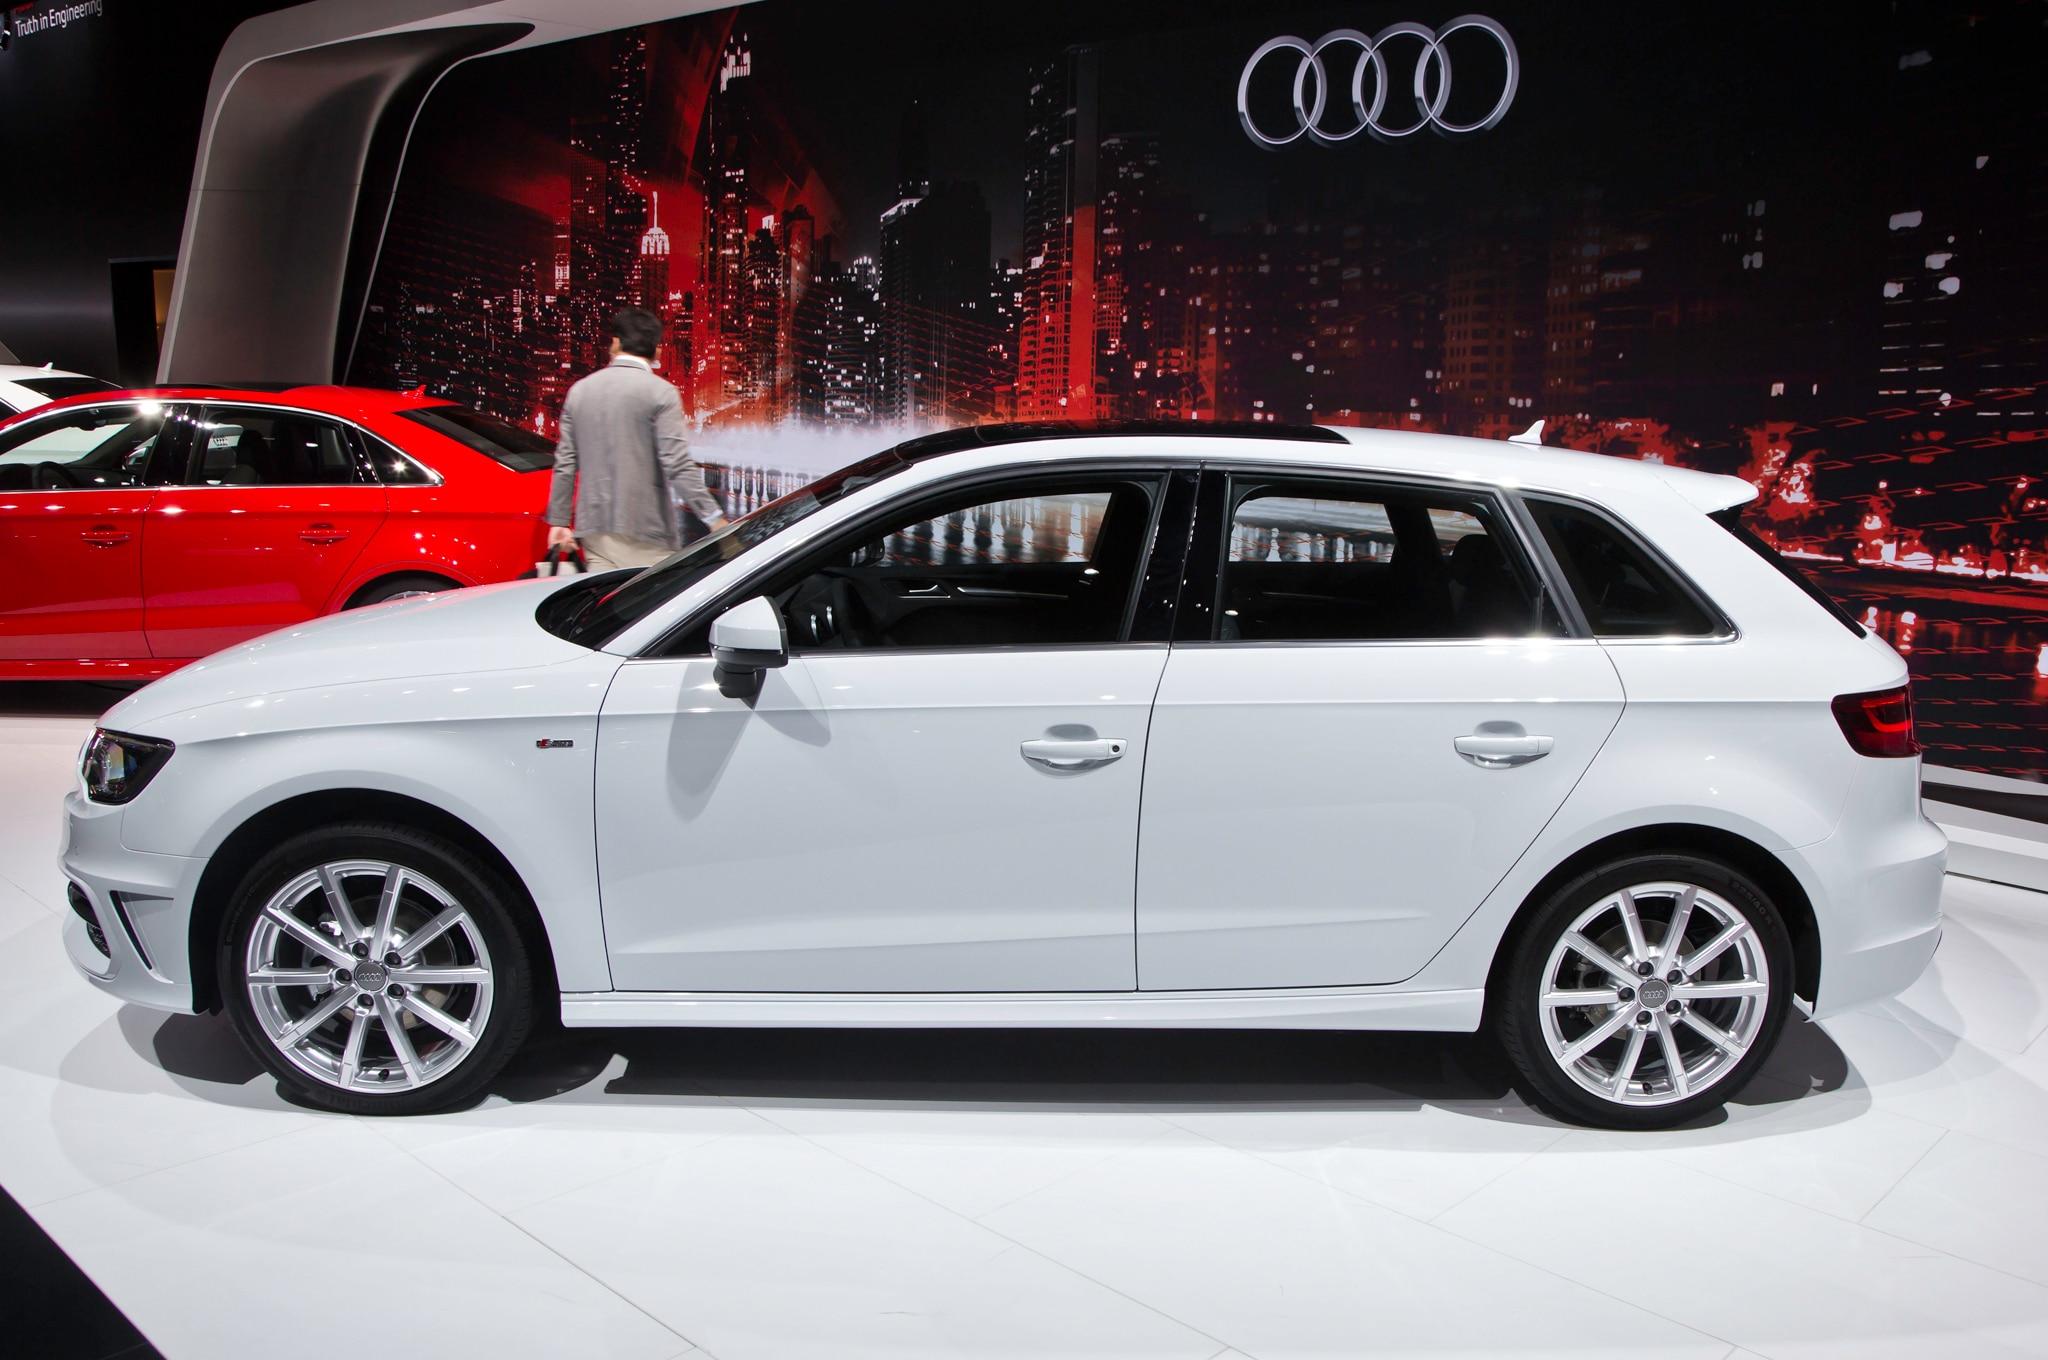 media hatchback sportback line s audi in edinburgh cars tdi used